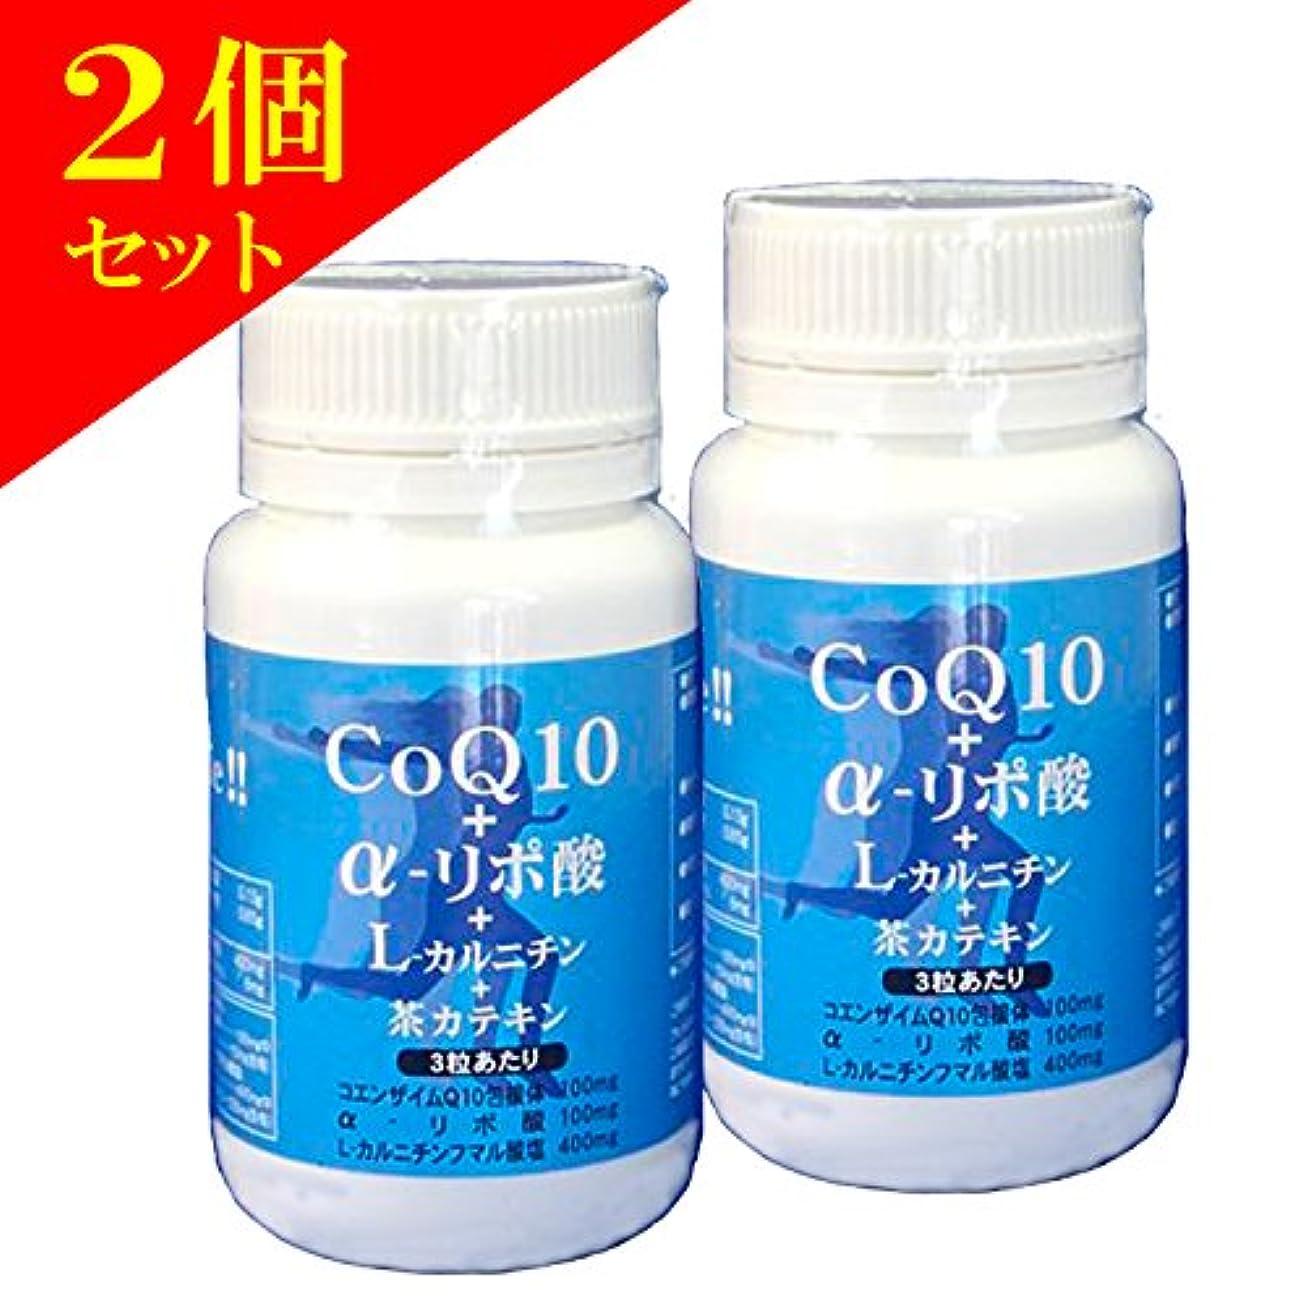 飢迫害する役に立たない(2個)マーキュリーCoQ10+αリポ酸+L-カルニチン+茶カテキン 90粒×2個セット(4947041260283)